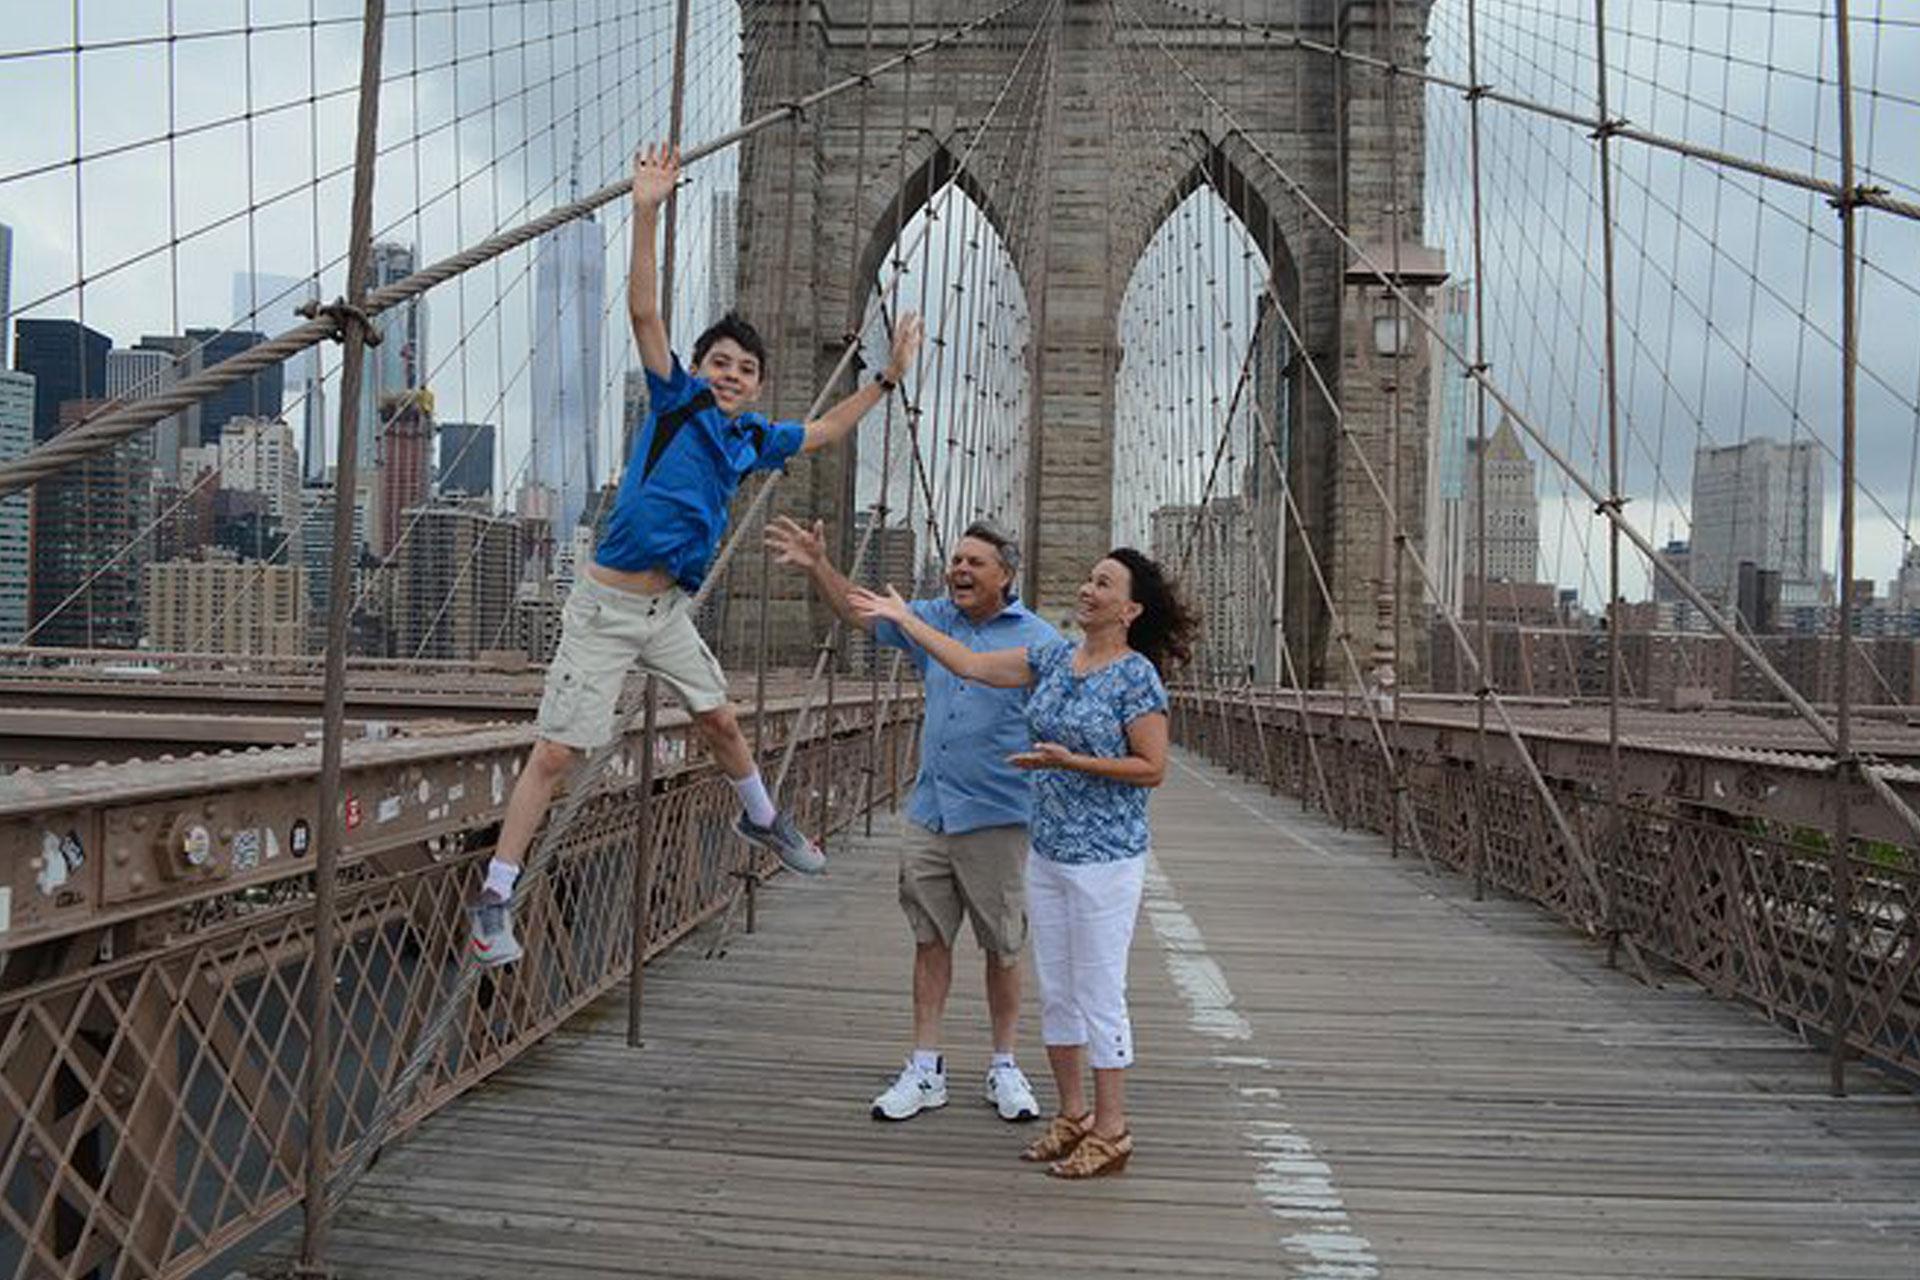 New York City Photo Tour; Courtesy of Viator